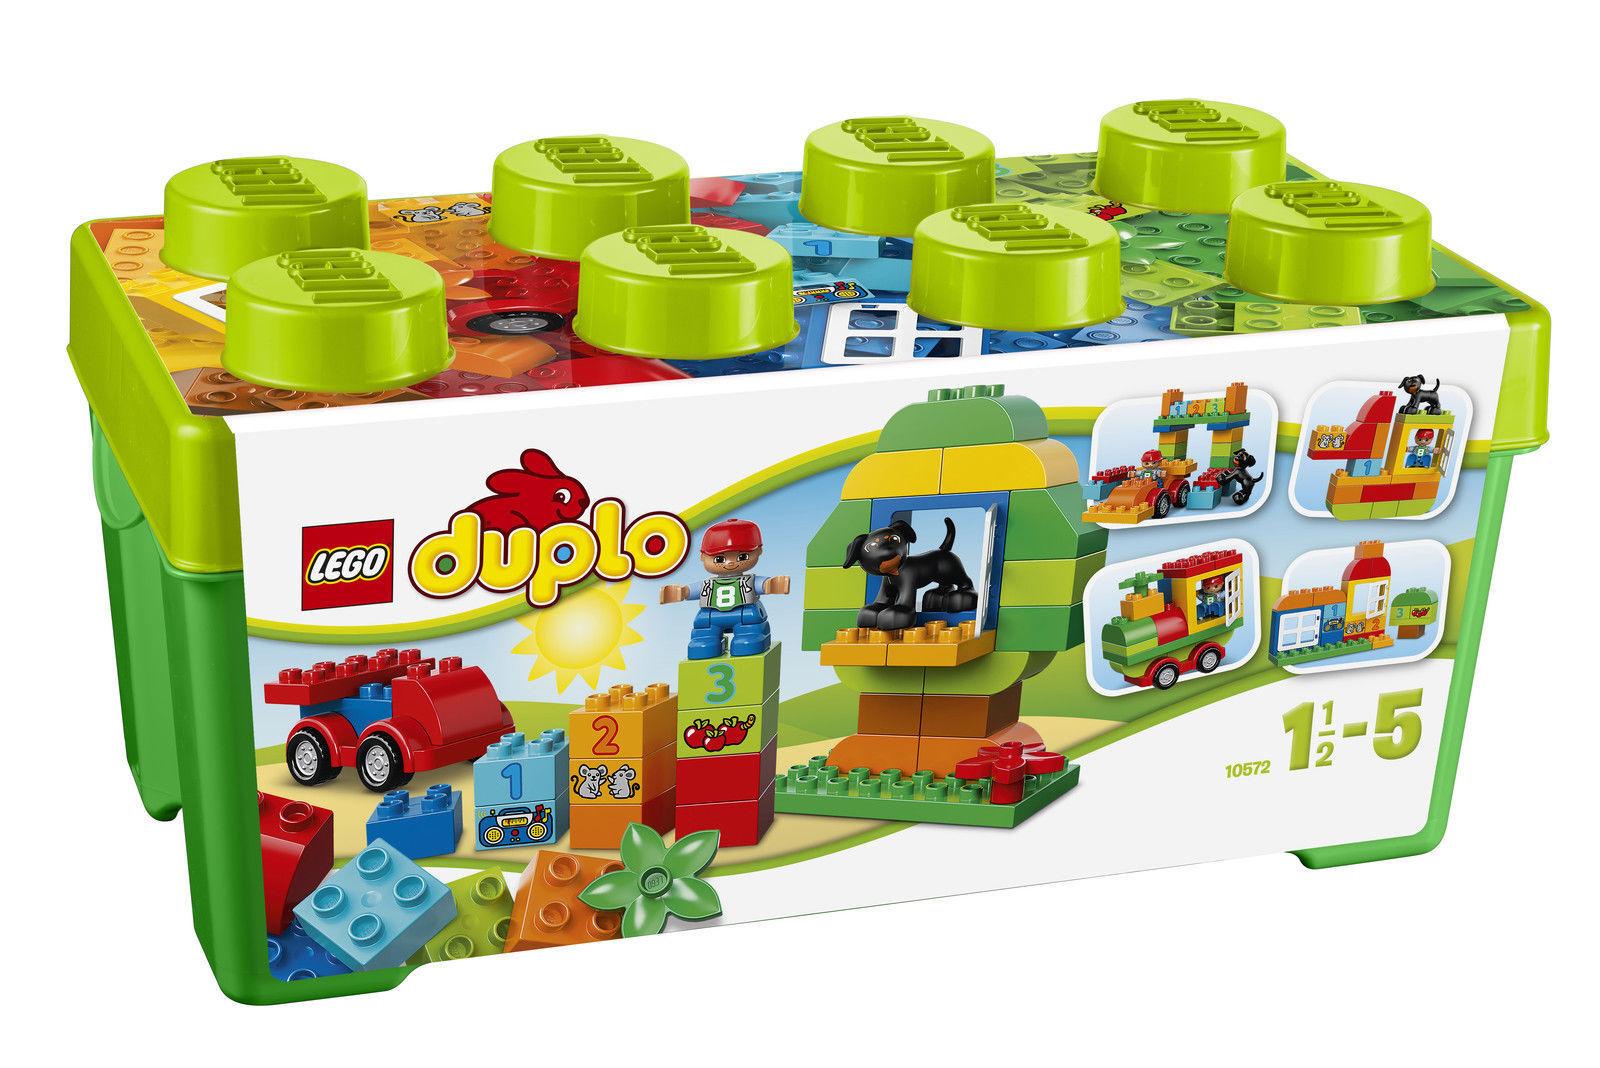 LEGO® Duplo 10572 Große Große Große Steinebox 65 Teile NEU OVP 487254